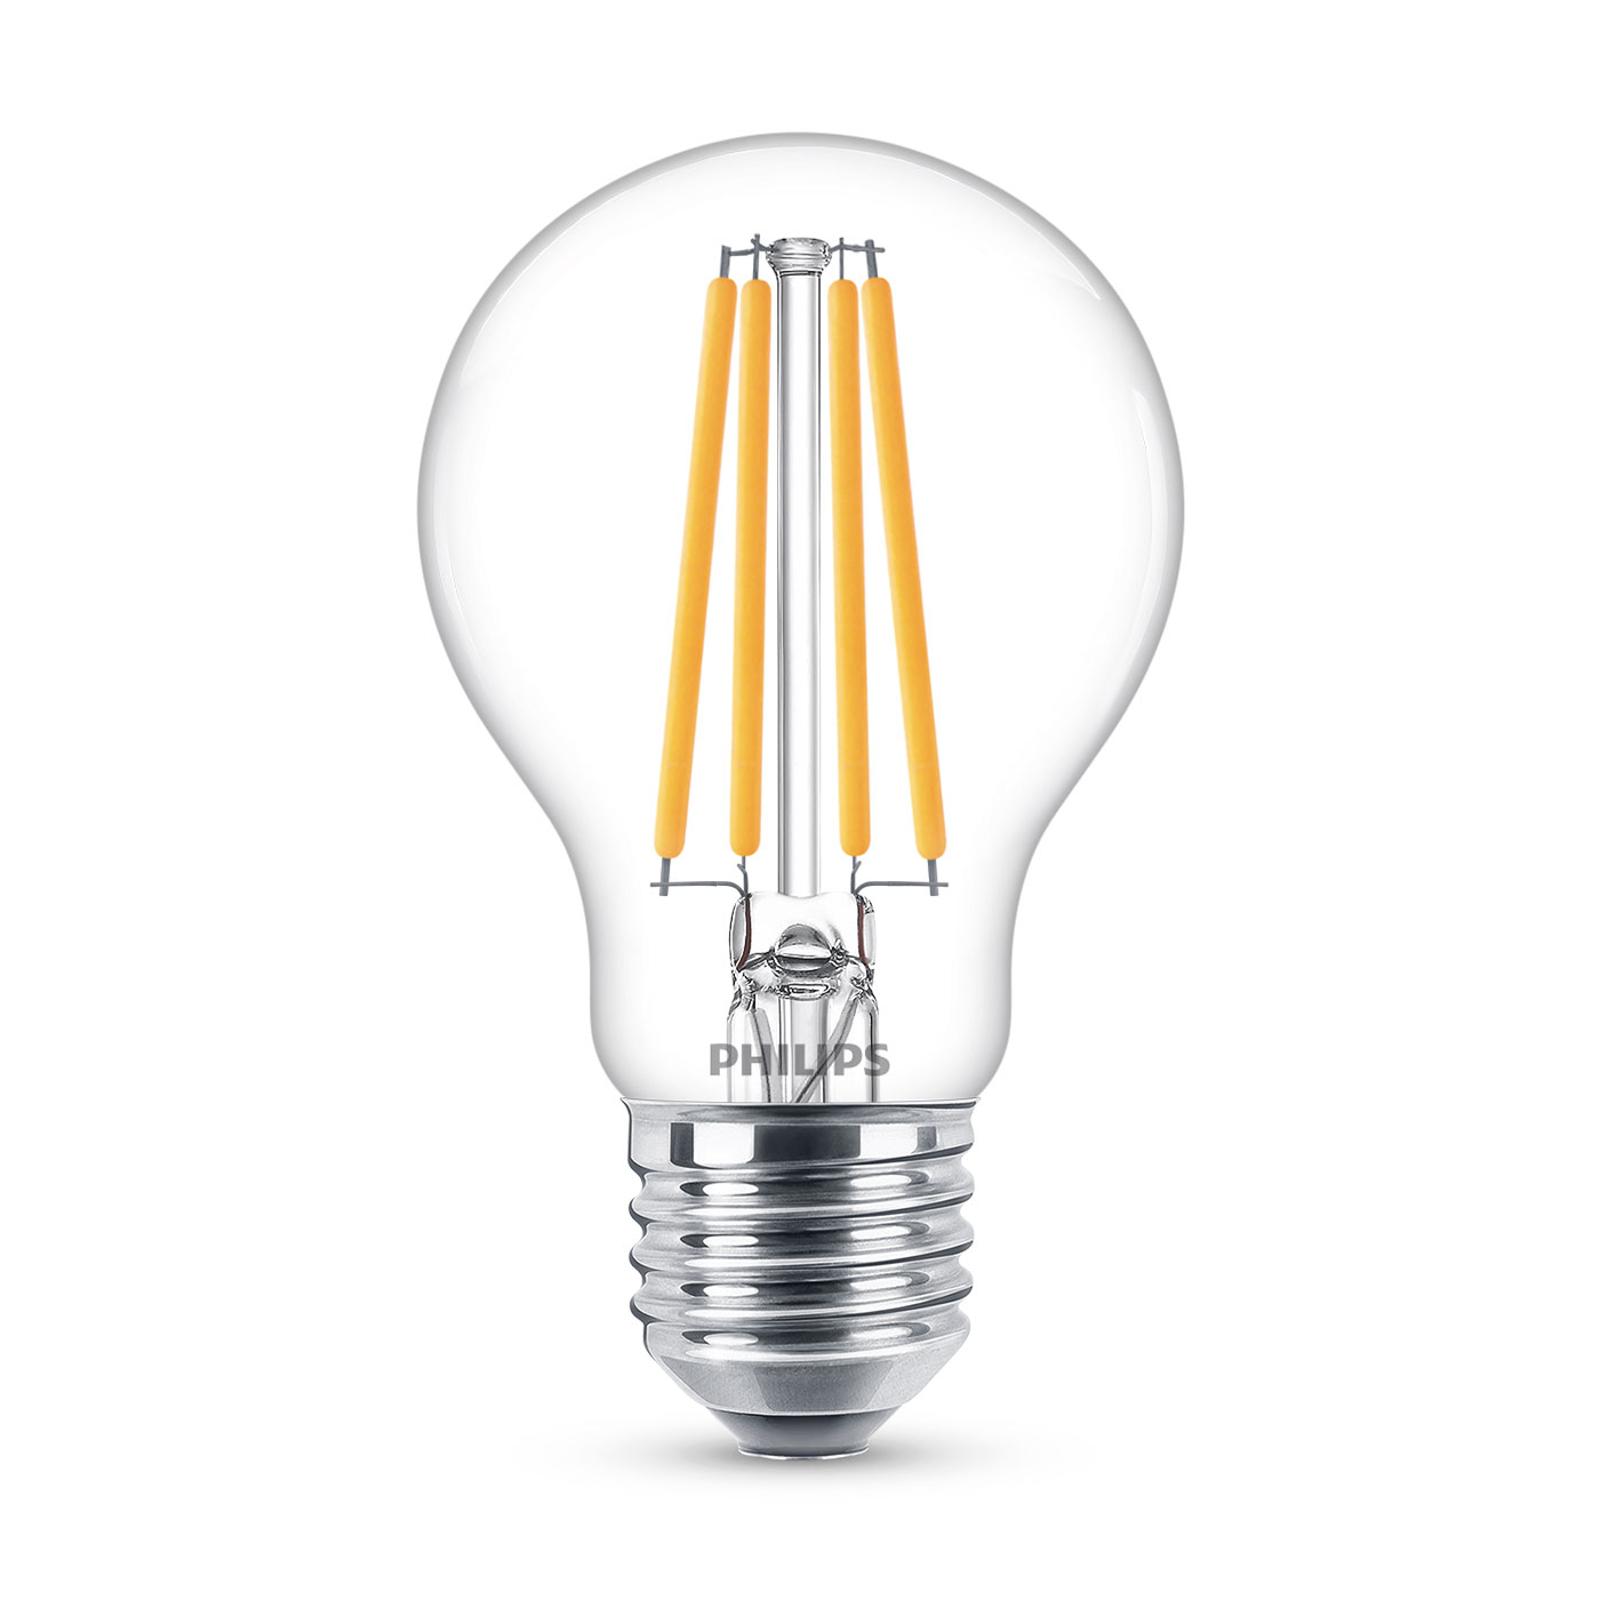 Philips Classic LED-Lampe E27 A60 10,5W 4.000K